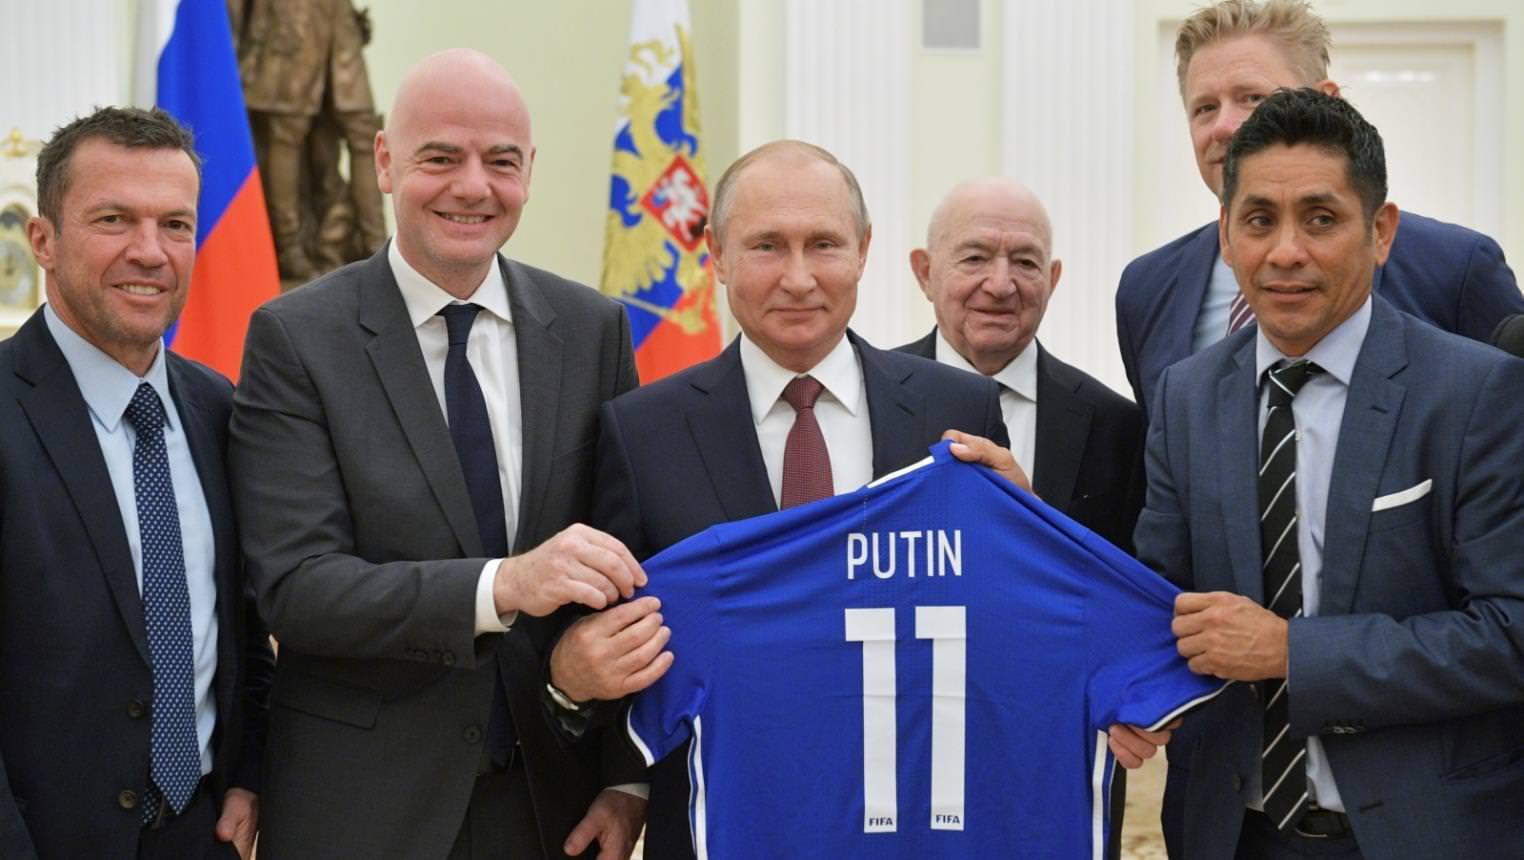 بوتين سعيد.. كيف استفادت روسيا من المونديال؟